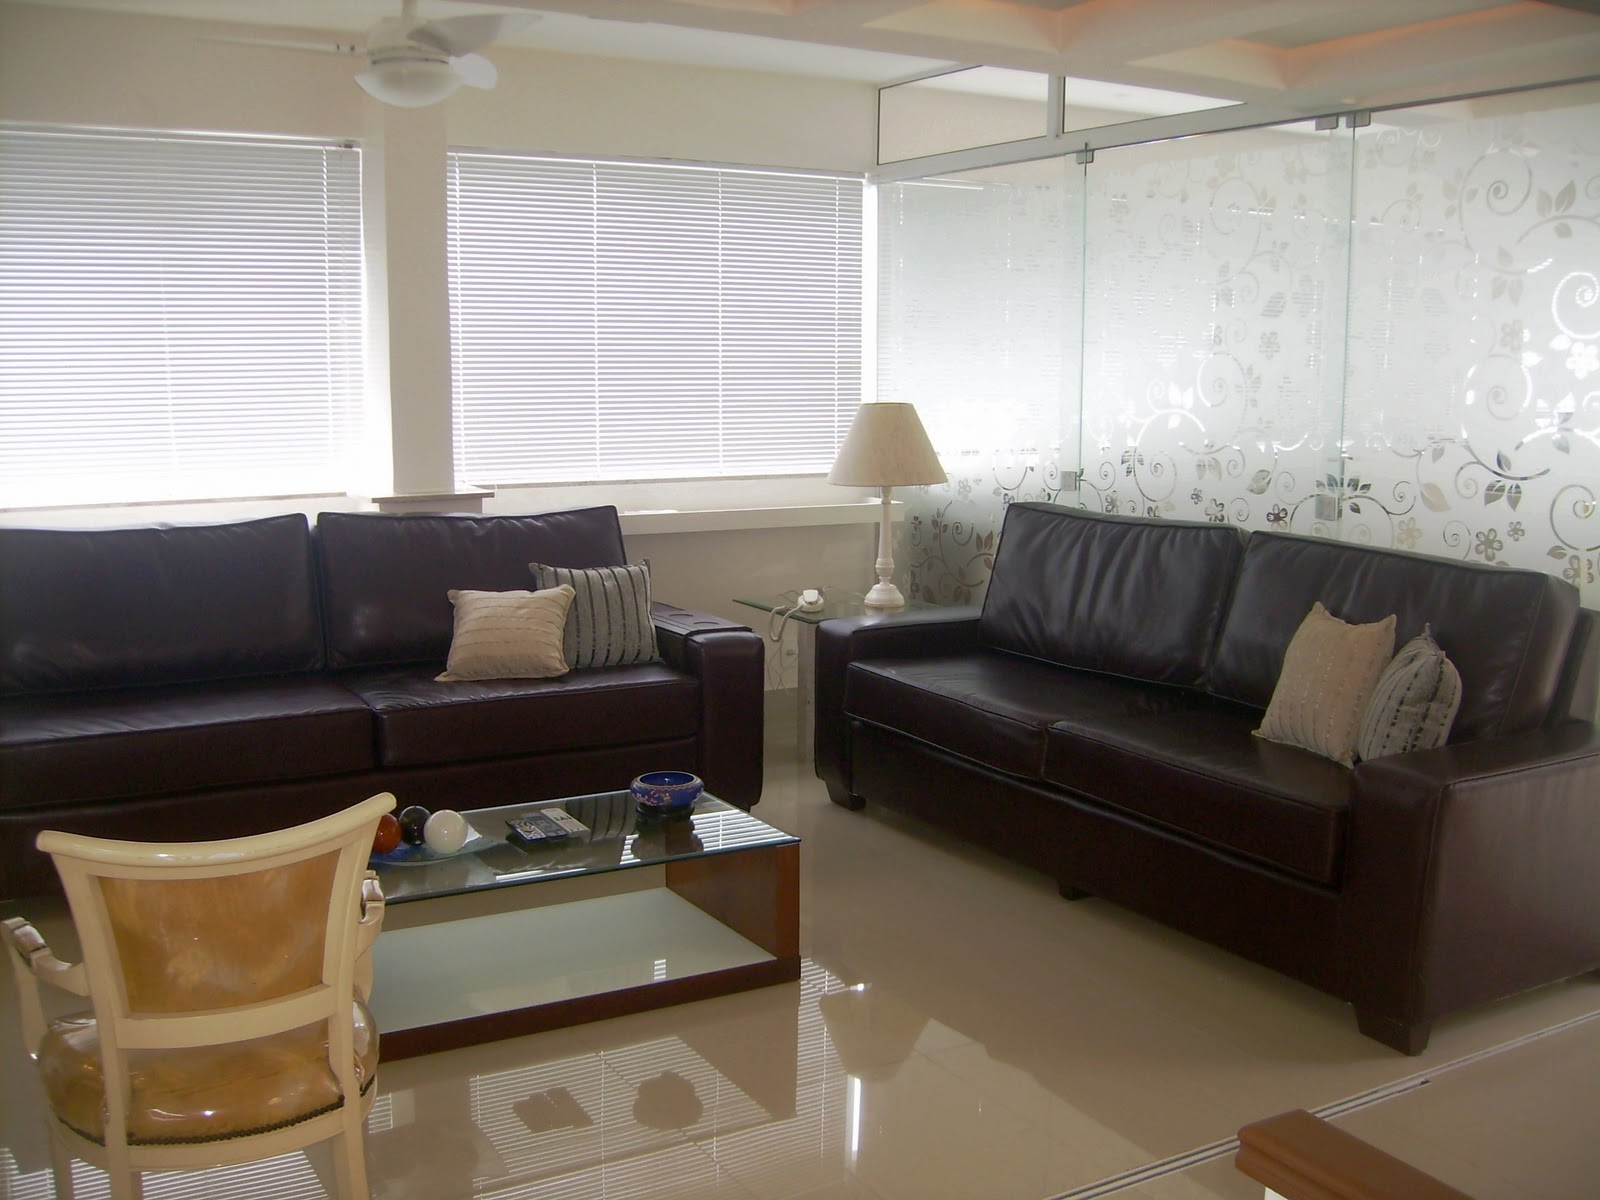 #614C33 janela de madeira1 1024x716 Portas e janelas de madeira 180 Janelas De Vidro Mogi Das Cruzes